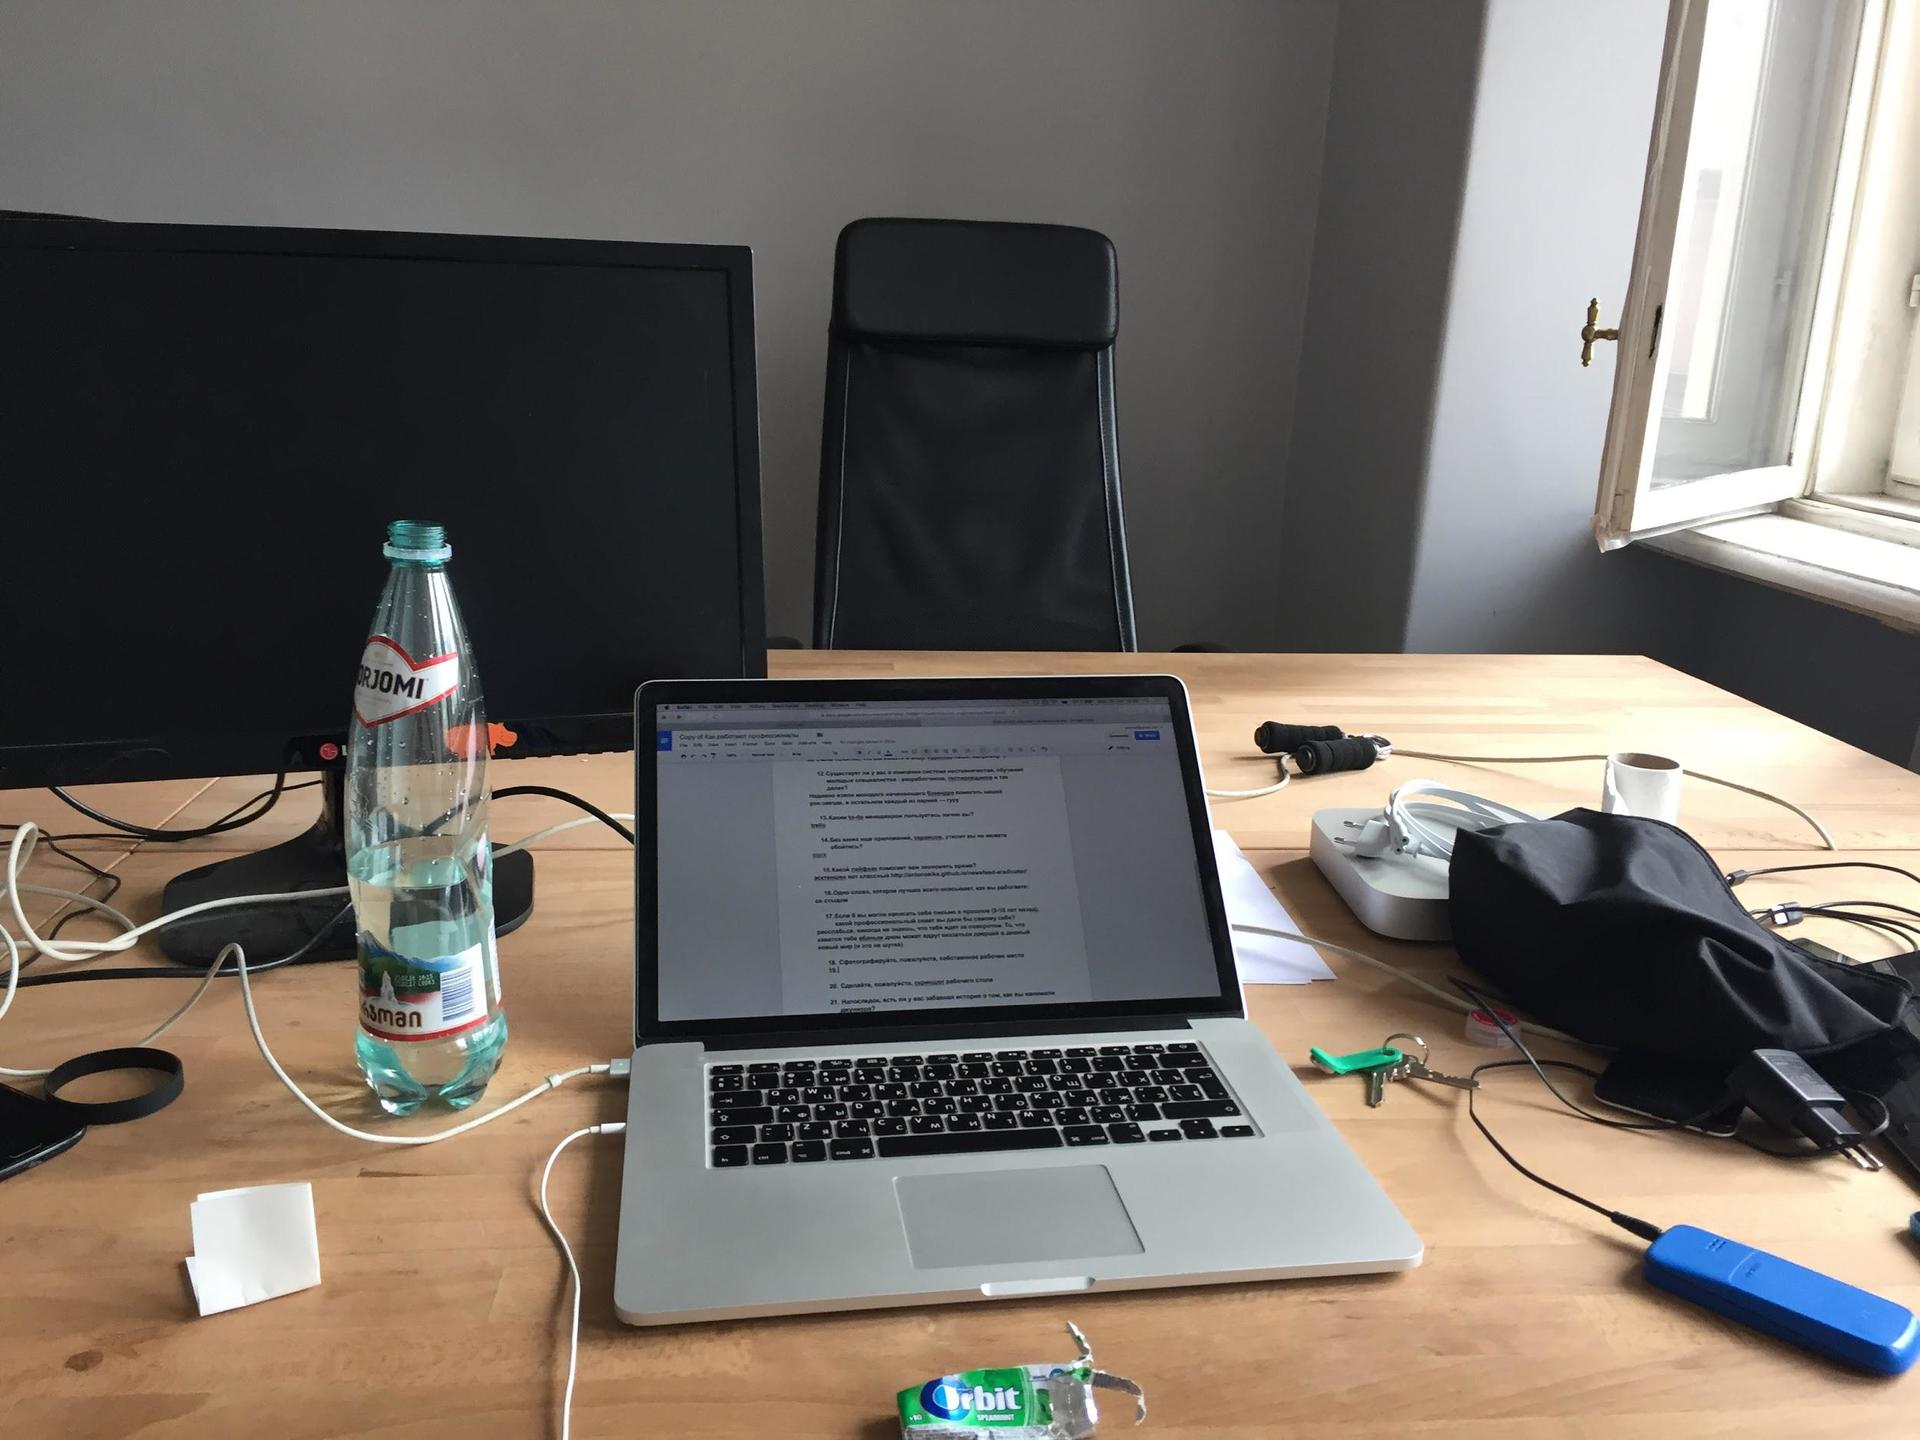 CTO «Медузы» — Самат Галимов кратко о том, каково быть главным по разработке в медиа - 2